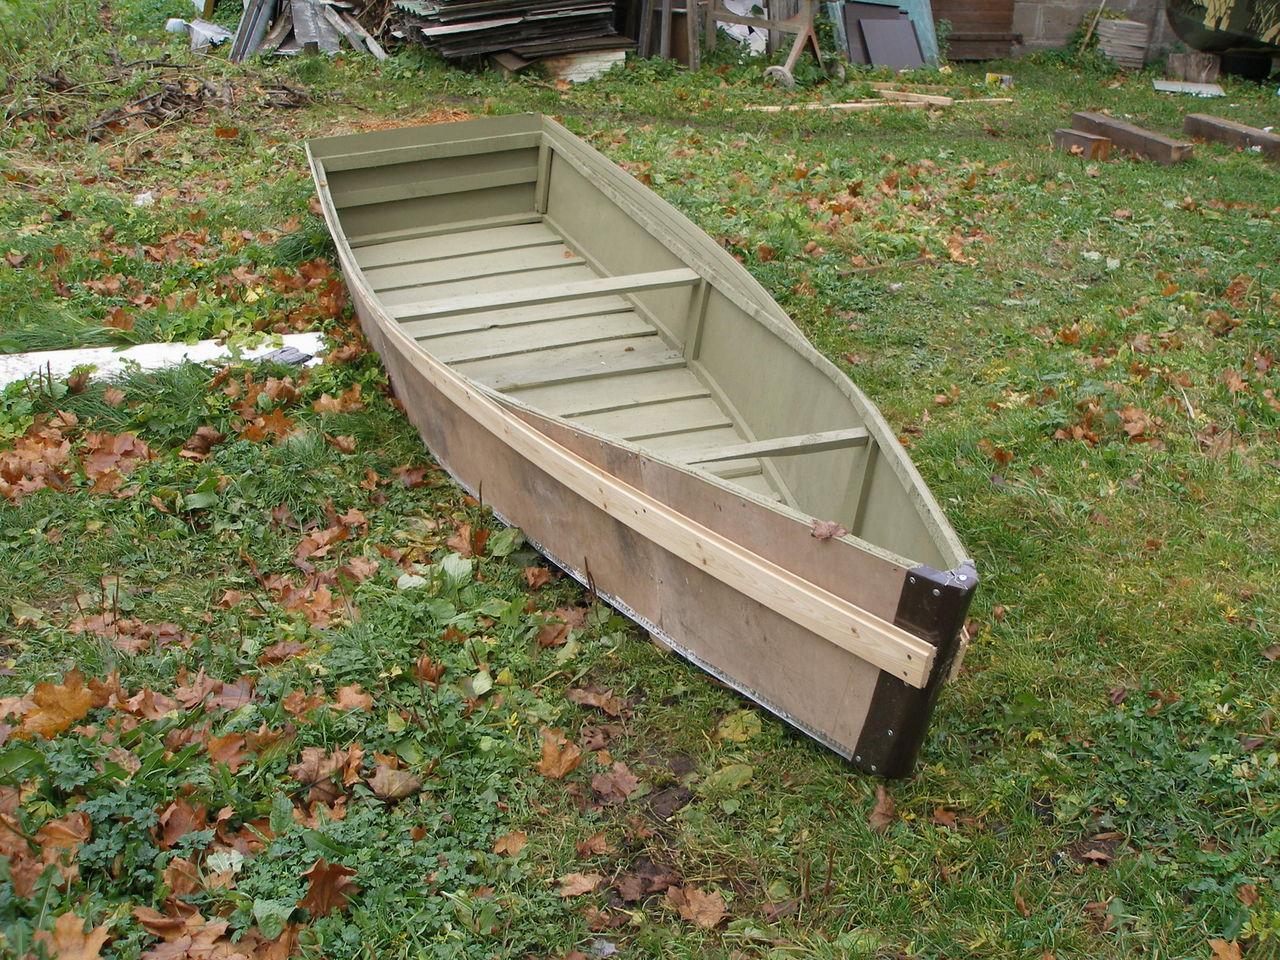 Хотите собрать лодку плоскодонку своими руками